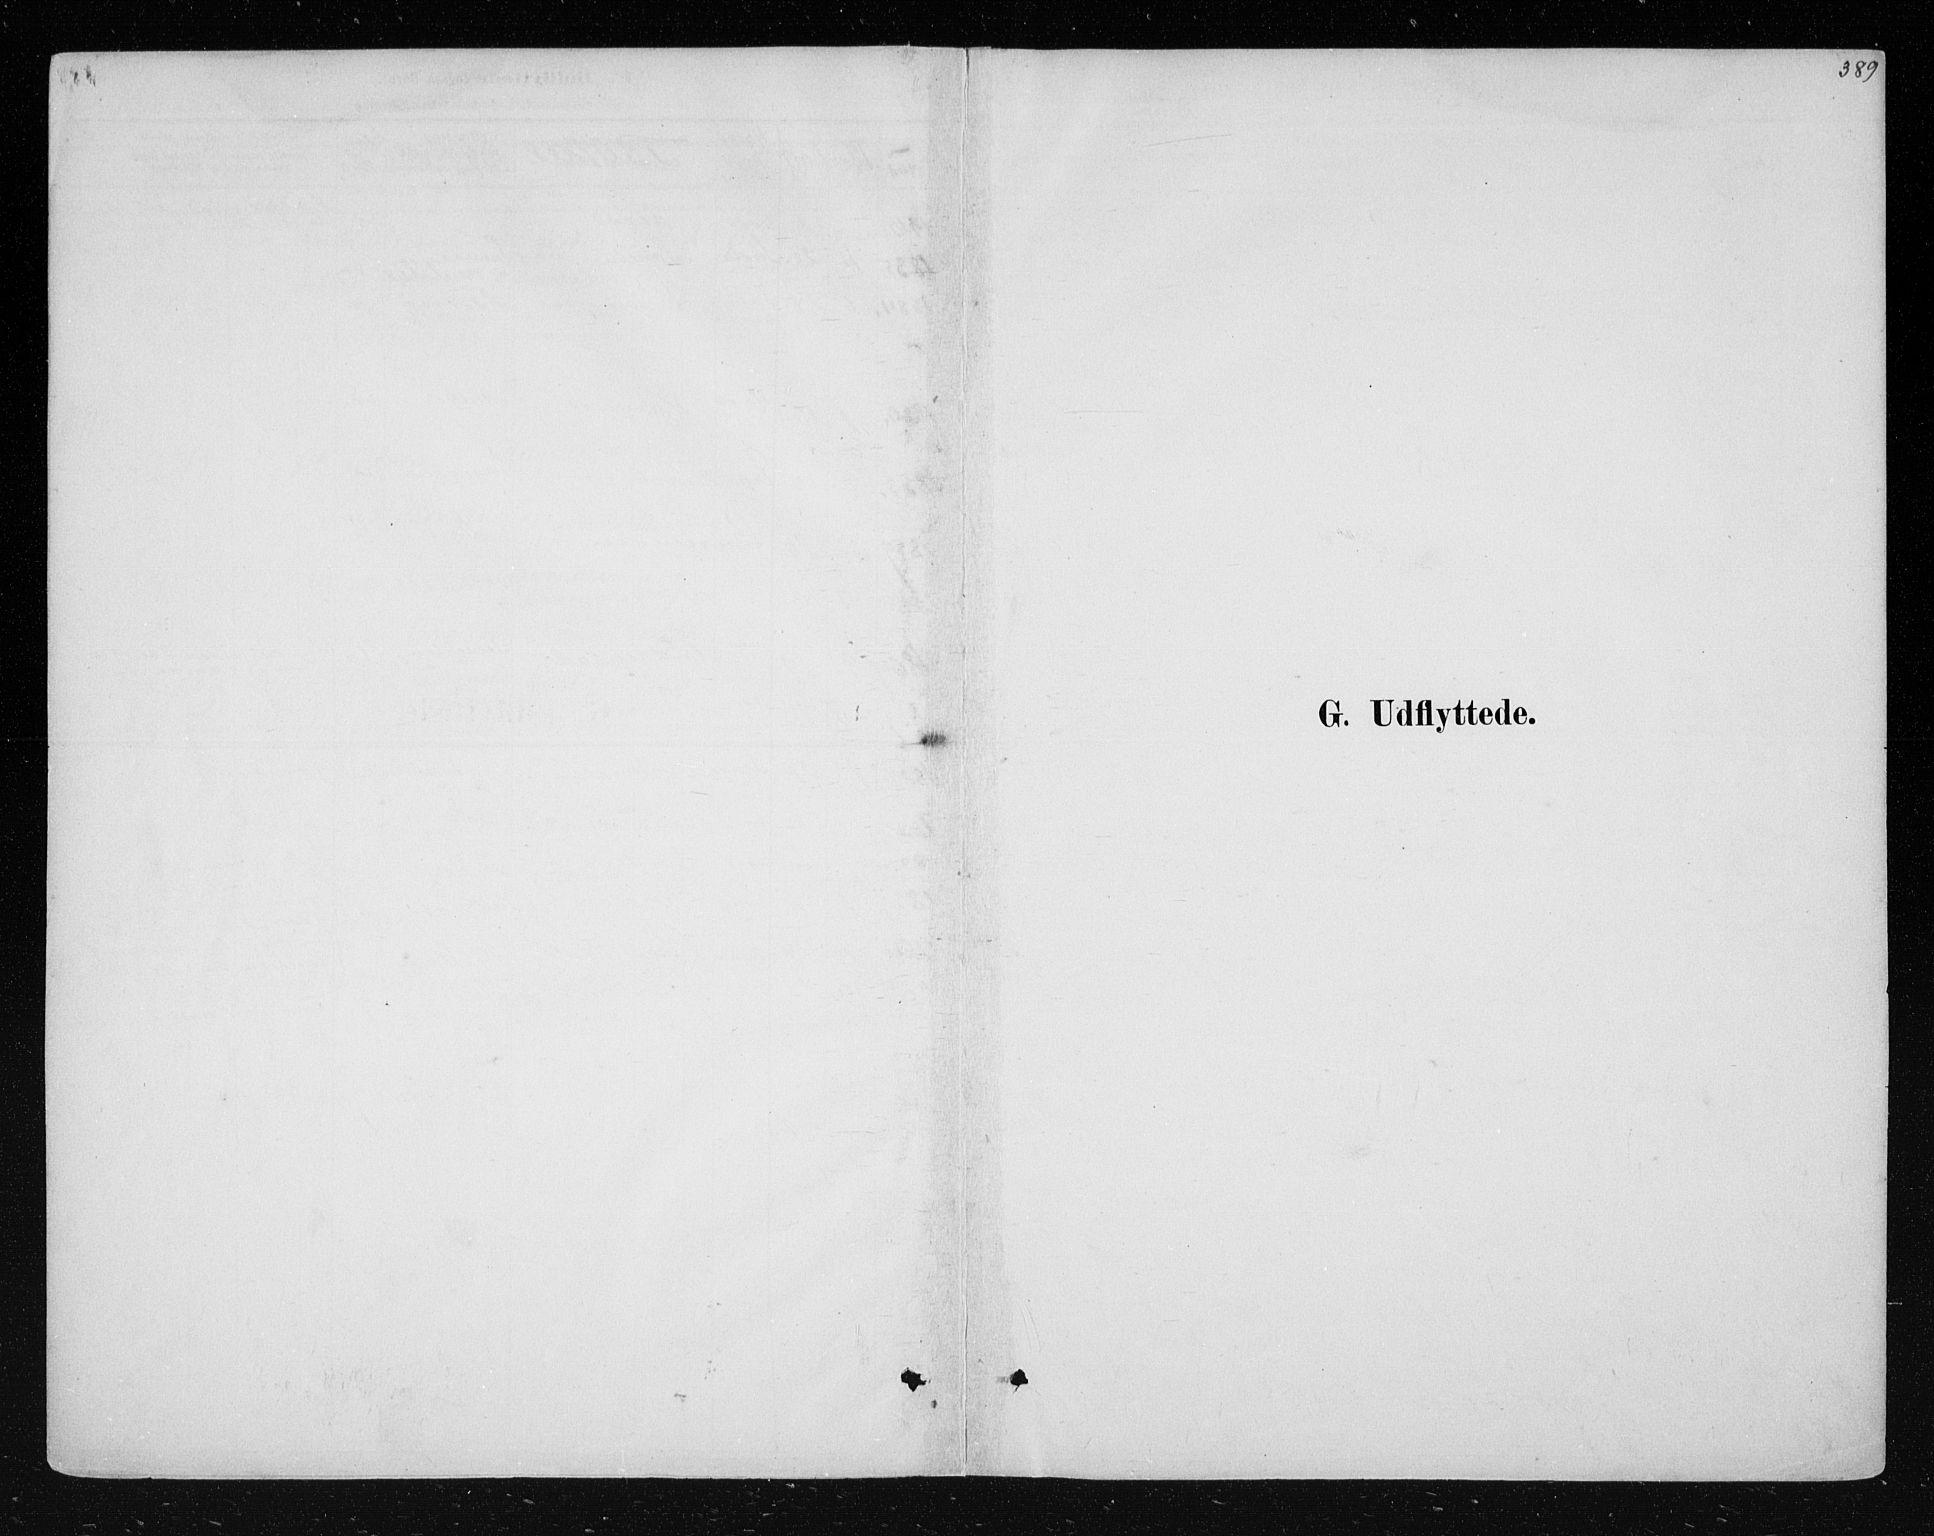 SAKO, Nes kirkebøker, F/Fa/L0011: Ministerialbok nr. 11, 1881-1912, s. 389